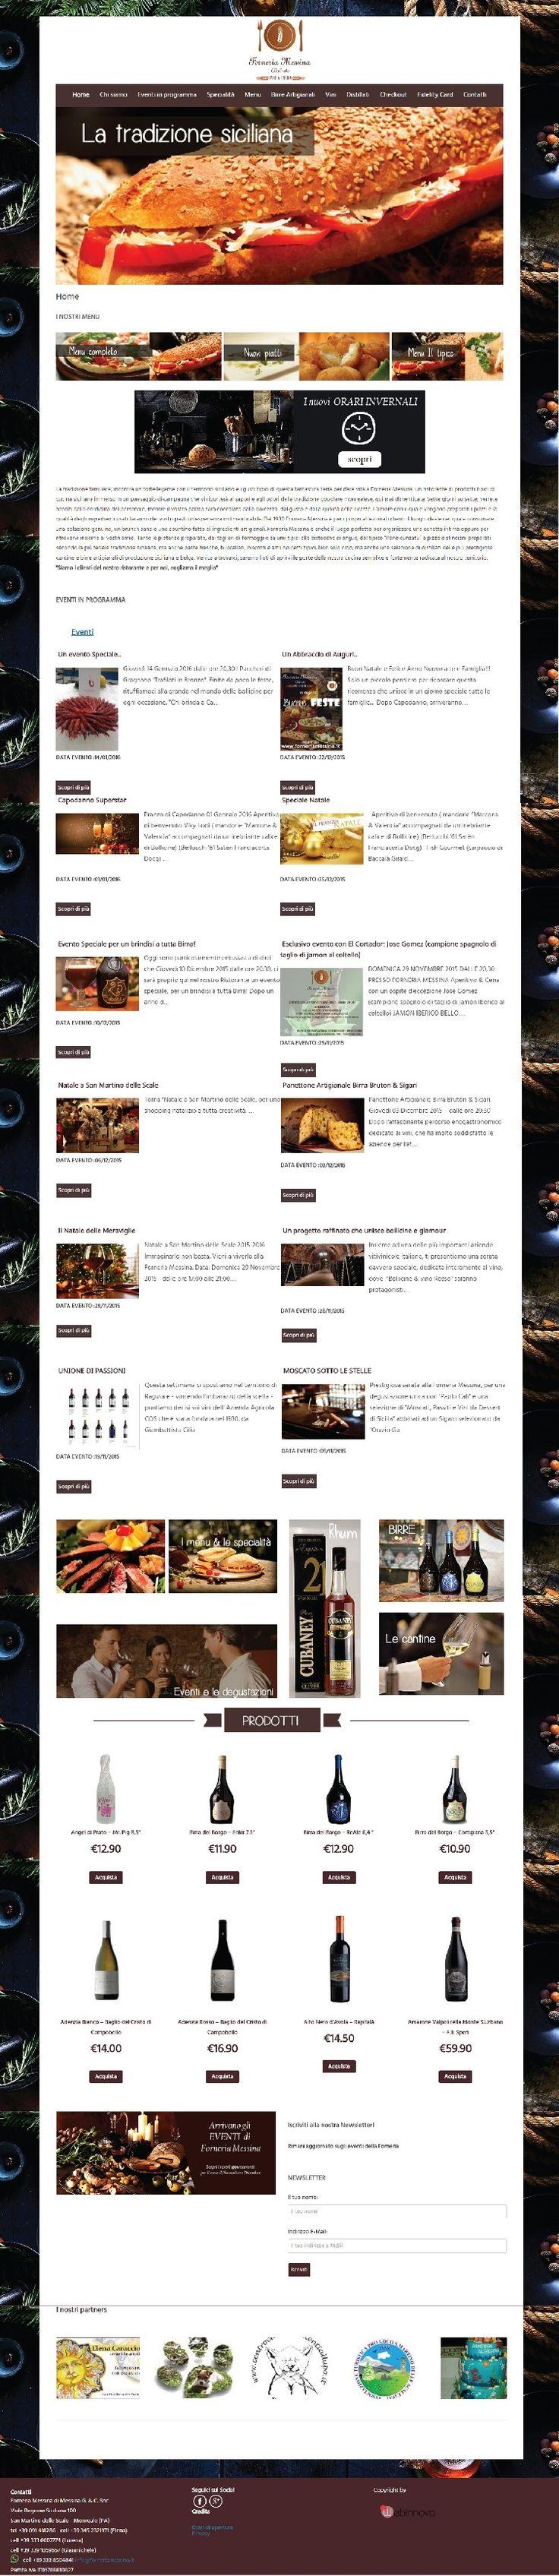 Sito #web realizzato con #Wordpress per la Forneria Messina a San Martino delle Scale